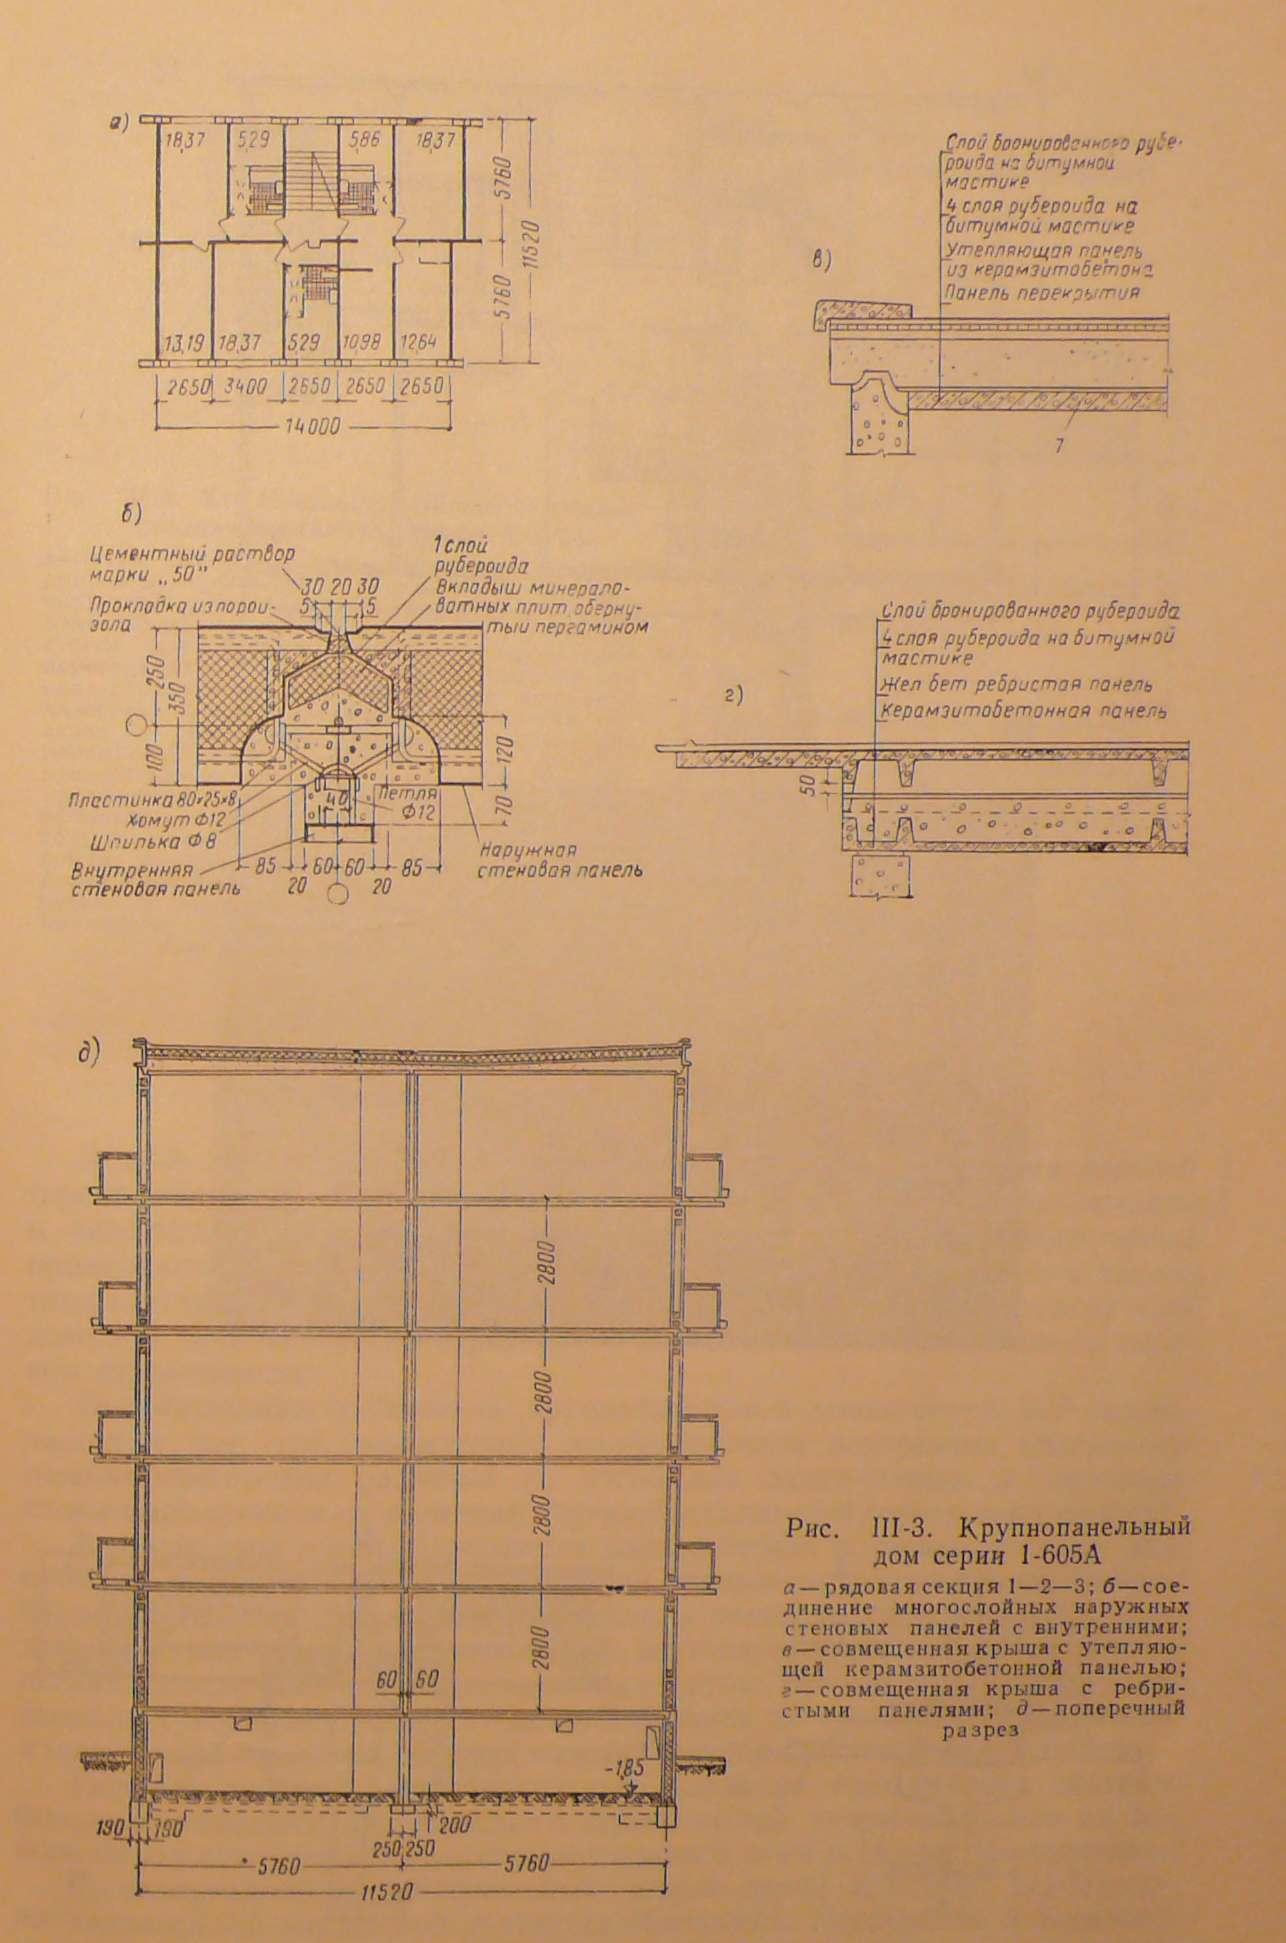 Дома серия 335 отопление схема